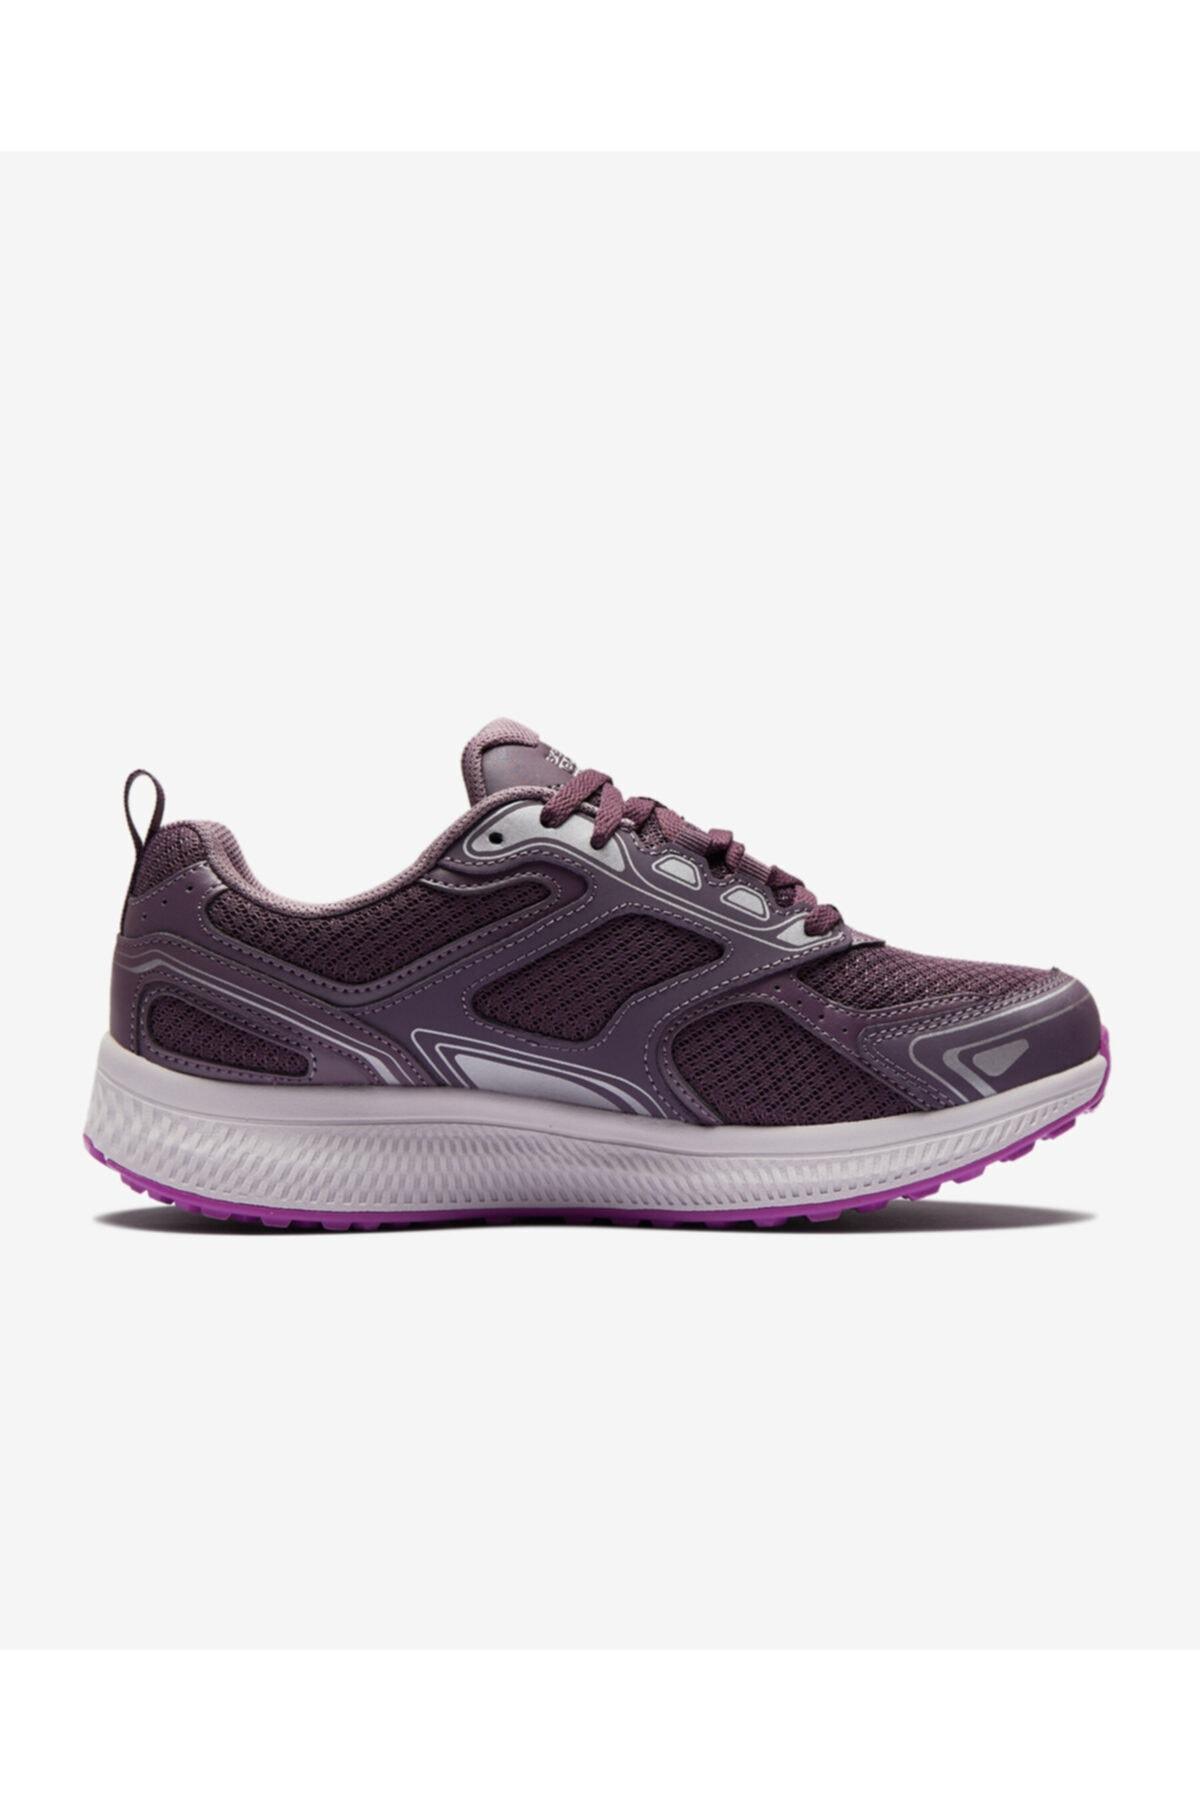 SKECHERS GO RUN CONSISTENT Kadın Gül Kurusu Koşu Ayakkabısı 2